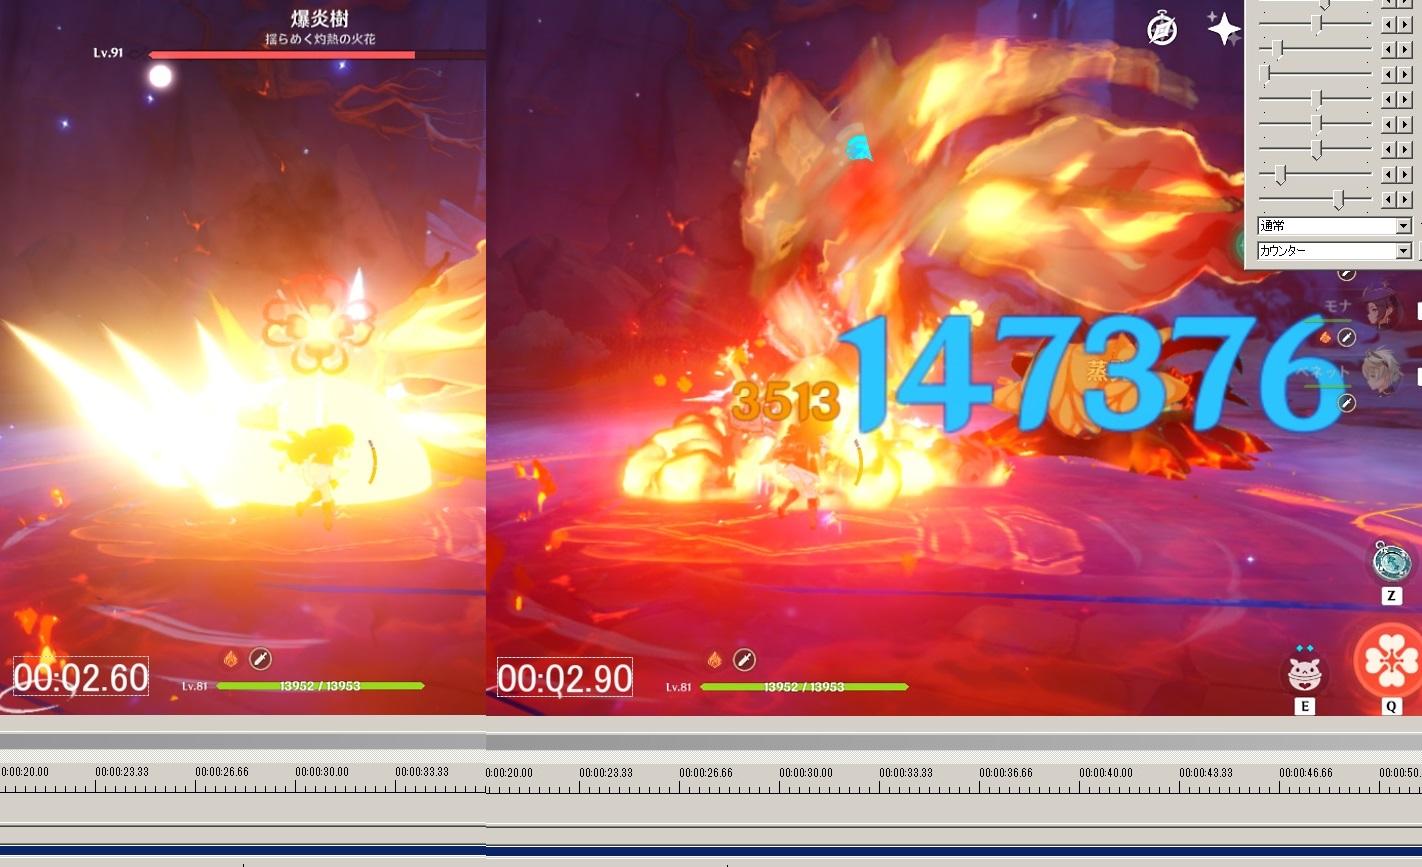 【原神まとめ】モナの元素爆発で蒸発を狙う場合、着火は2.5秒開けるのが良さそう?